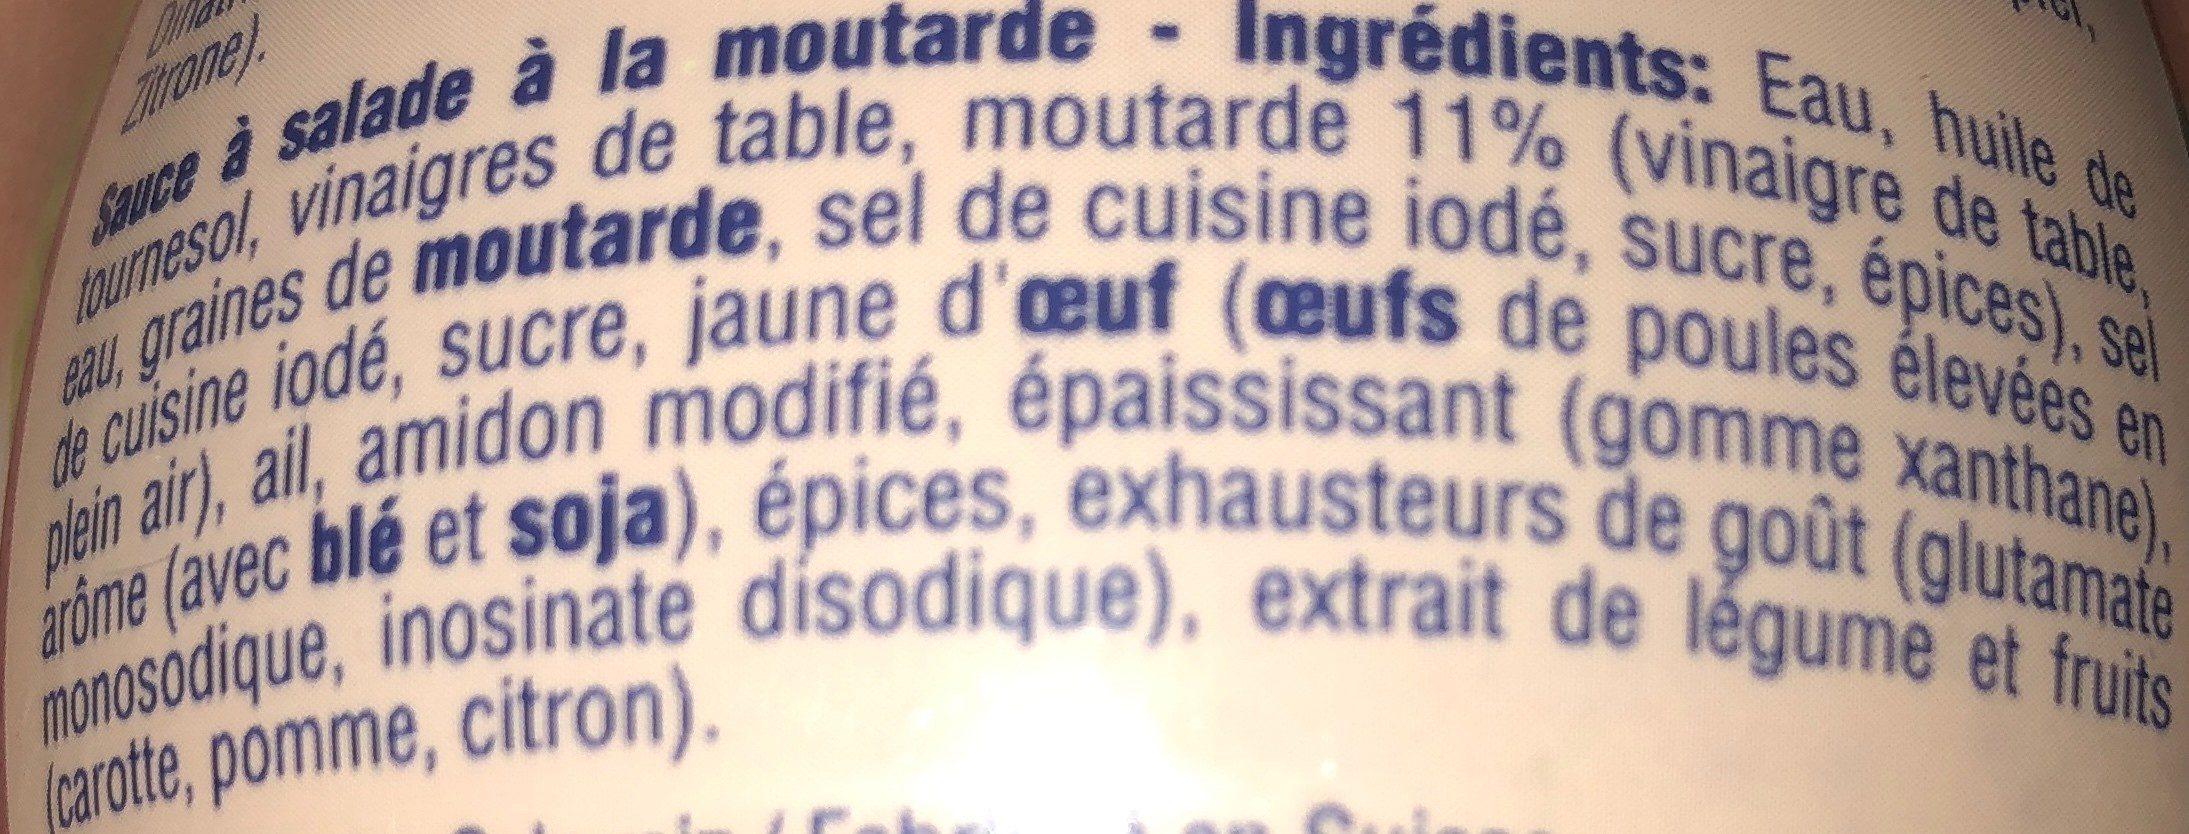 French Dijon à la moutarde gros grains - Ingrediënten - fr